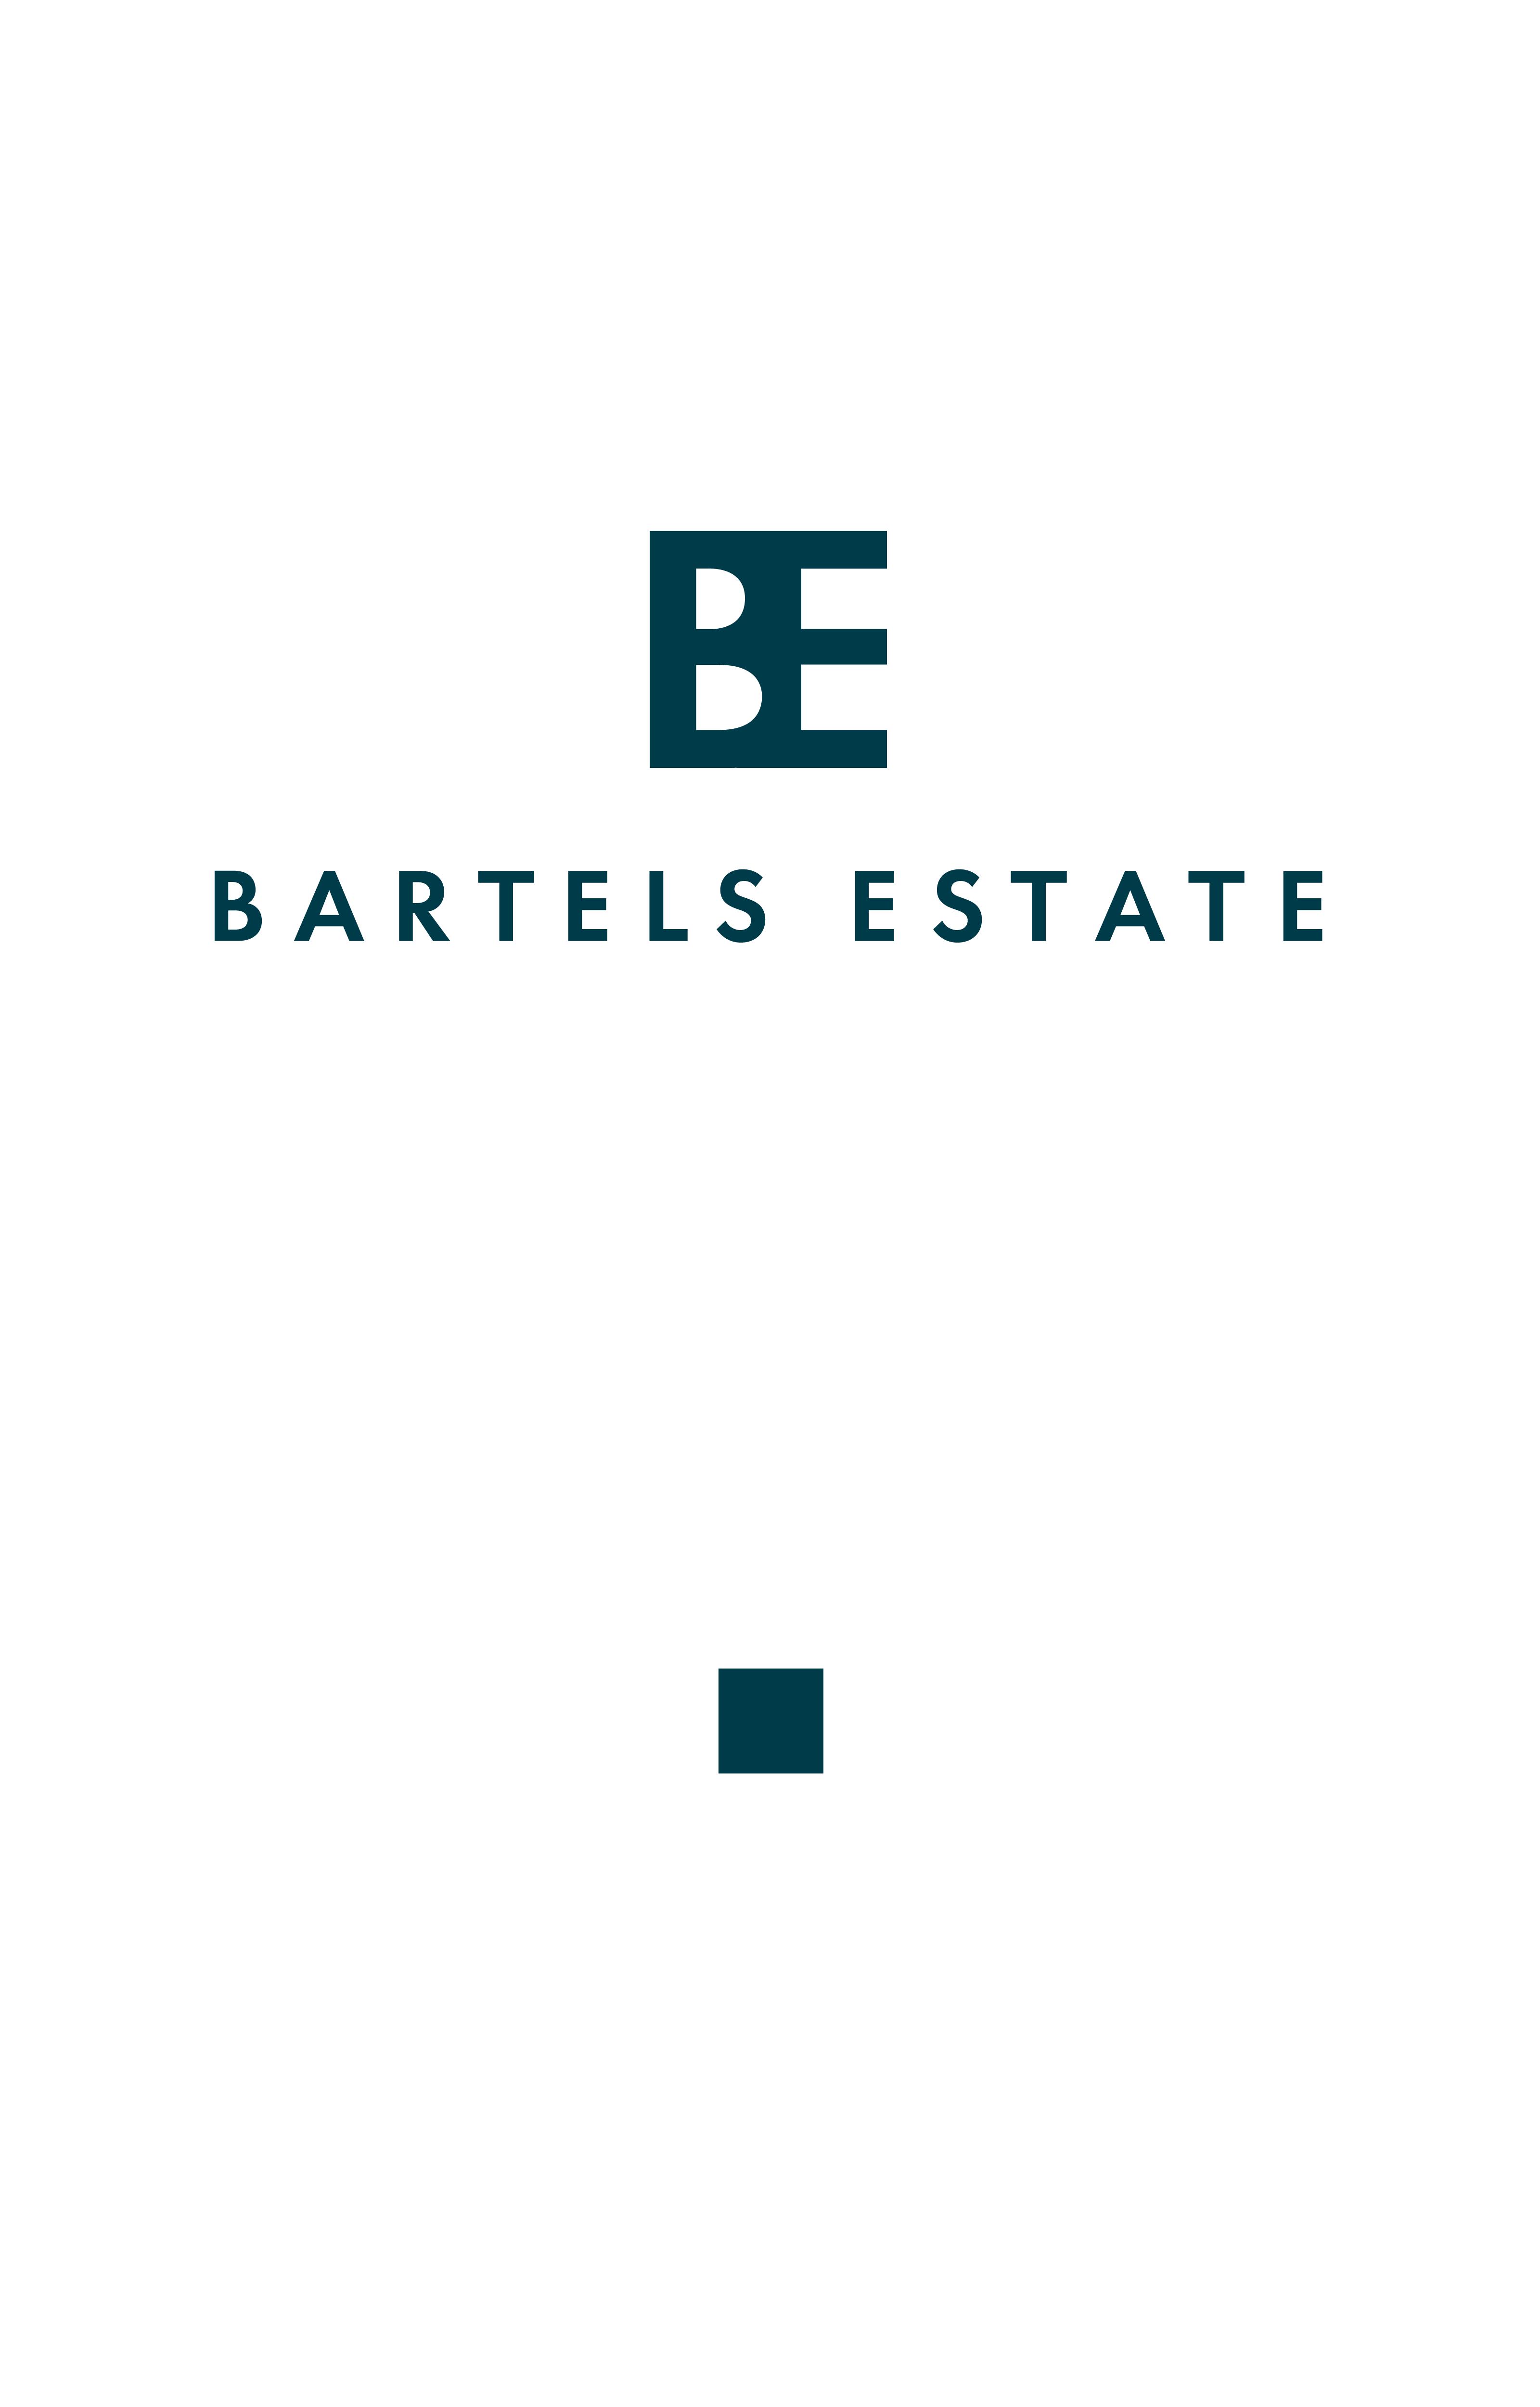 Bartels Estate